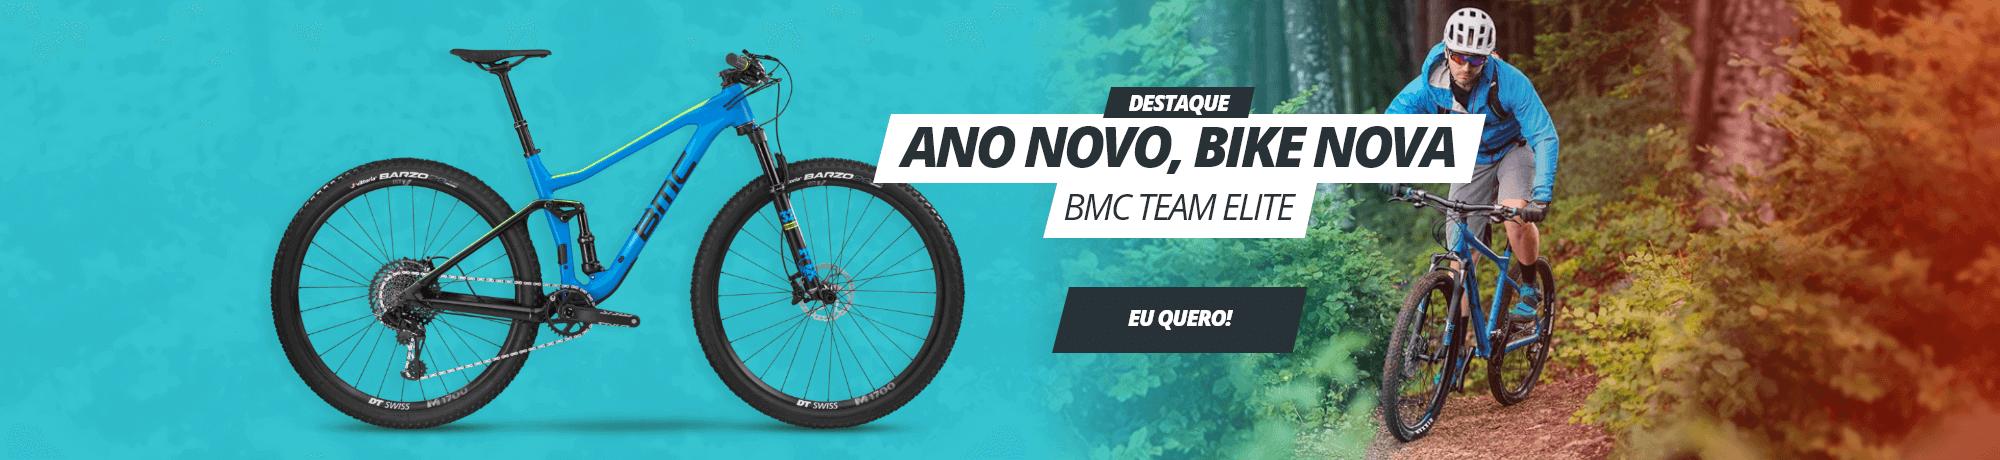 bmx novas bikes